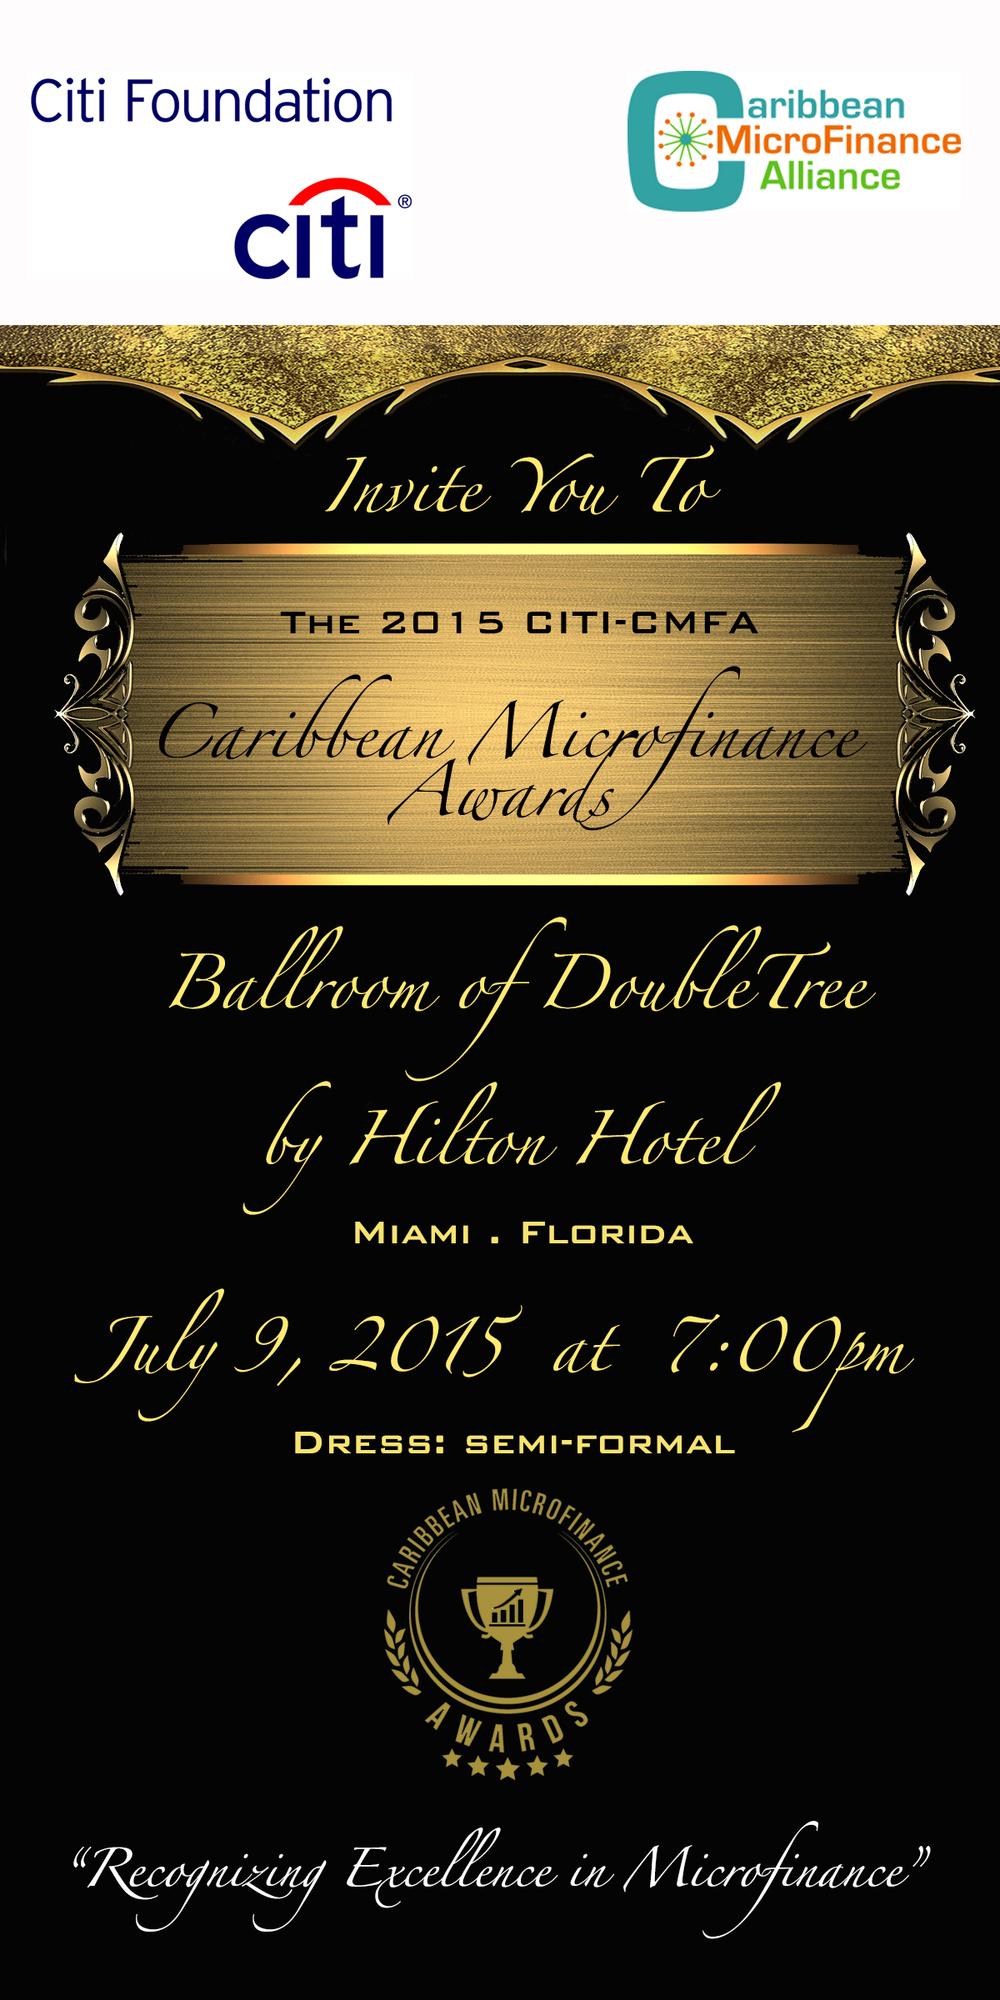 CMFA awards invite2 - June 20.jpg